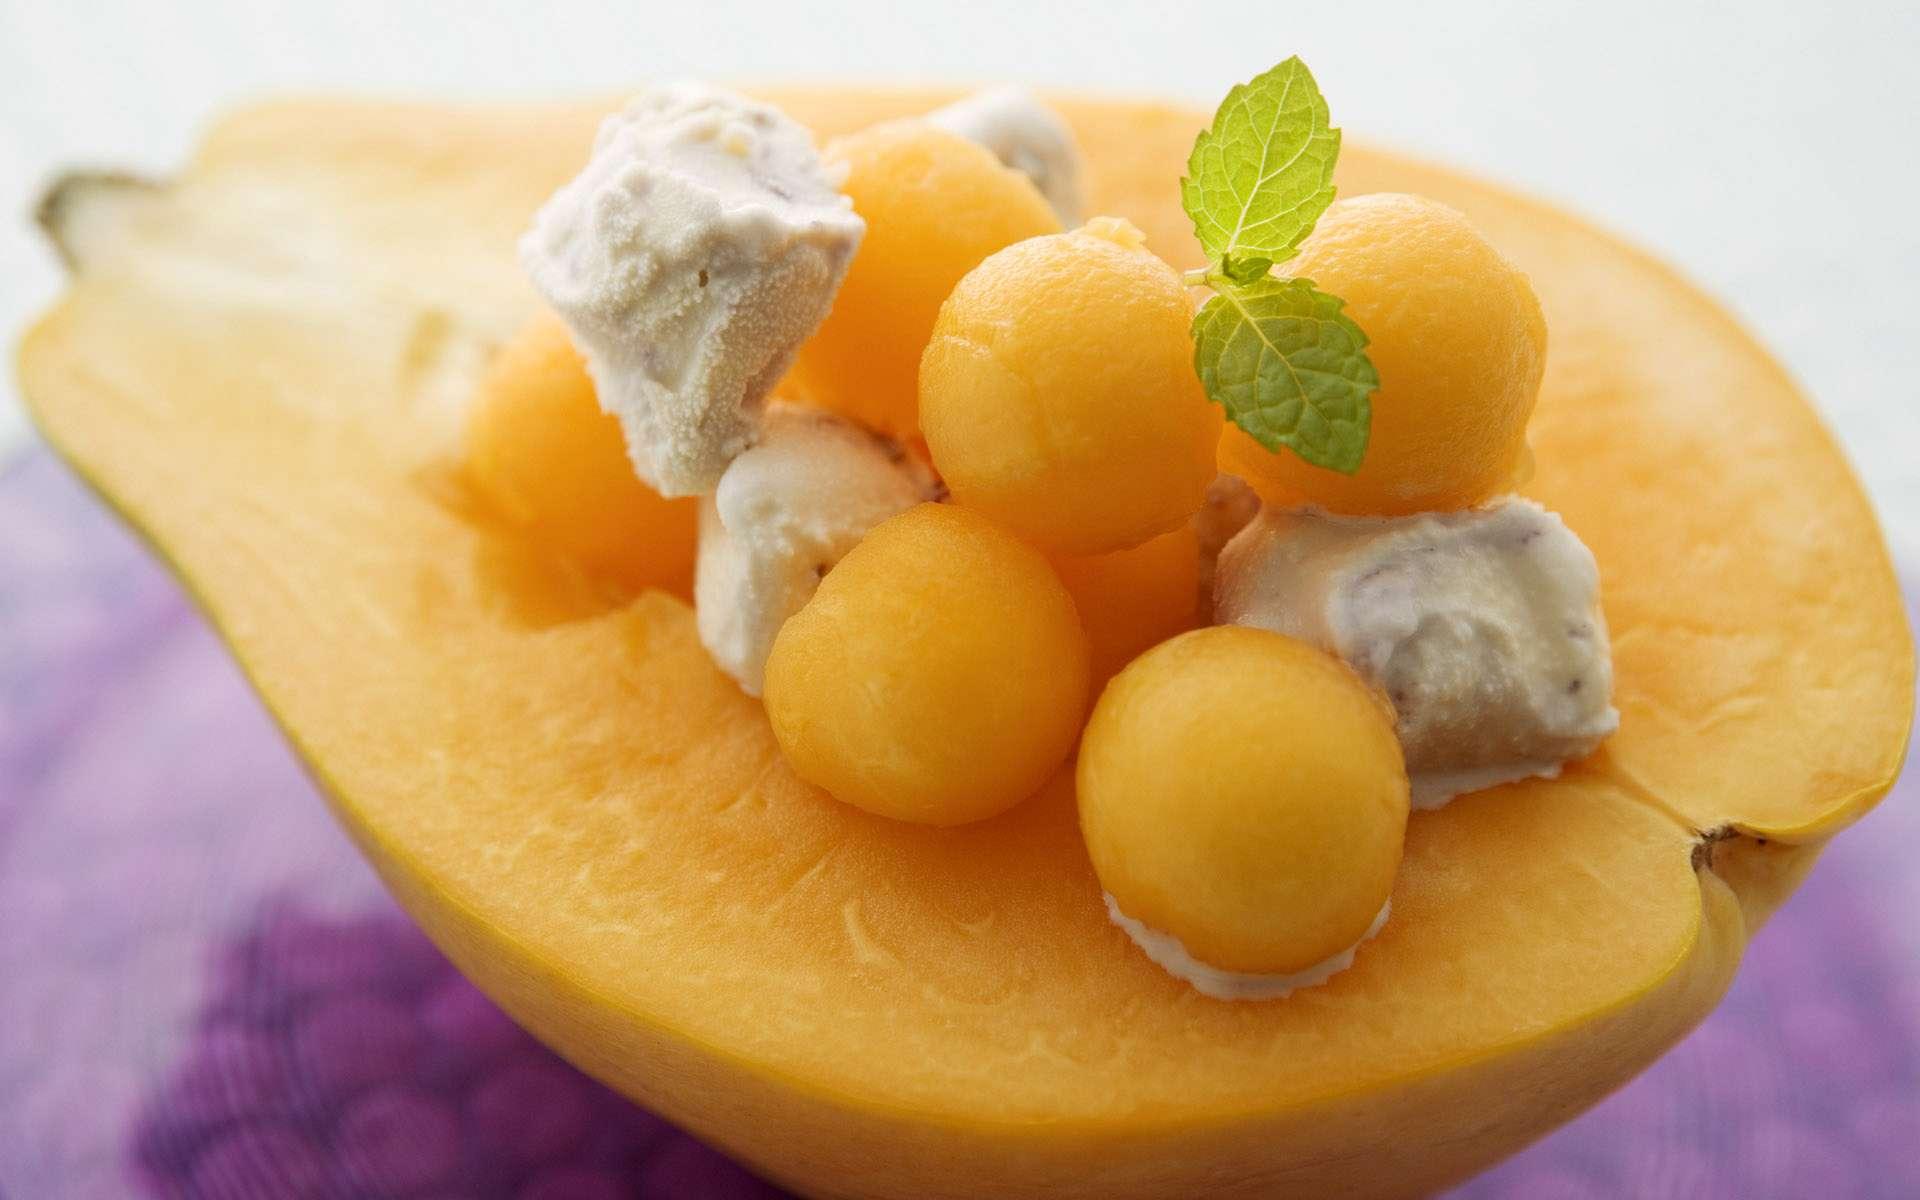 жёлтые фрукты фото